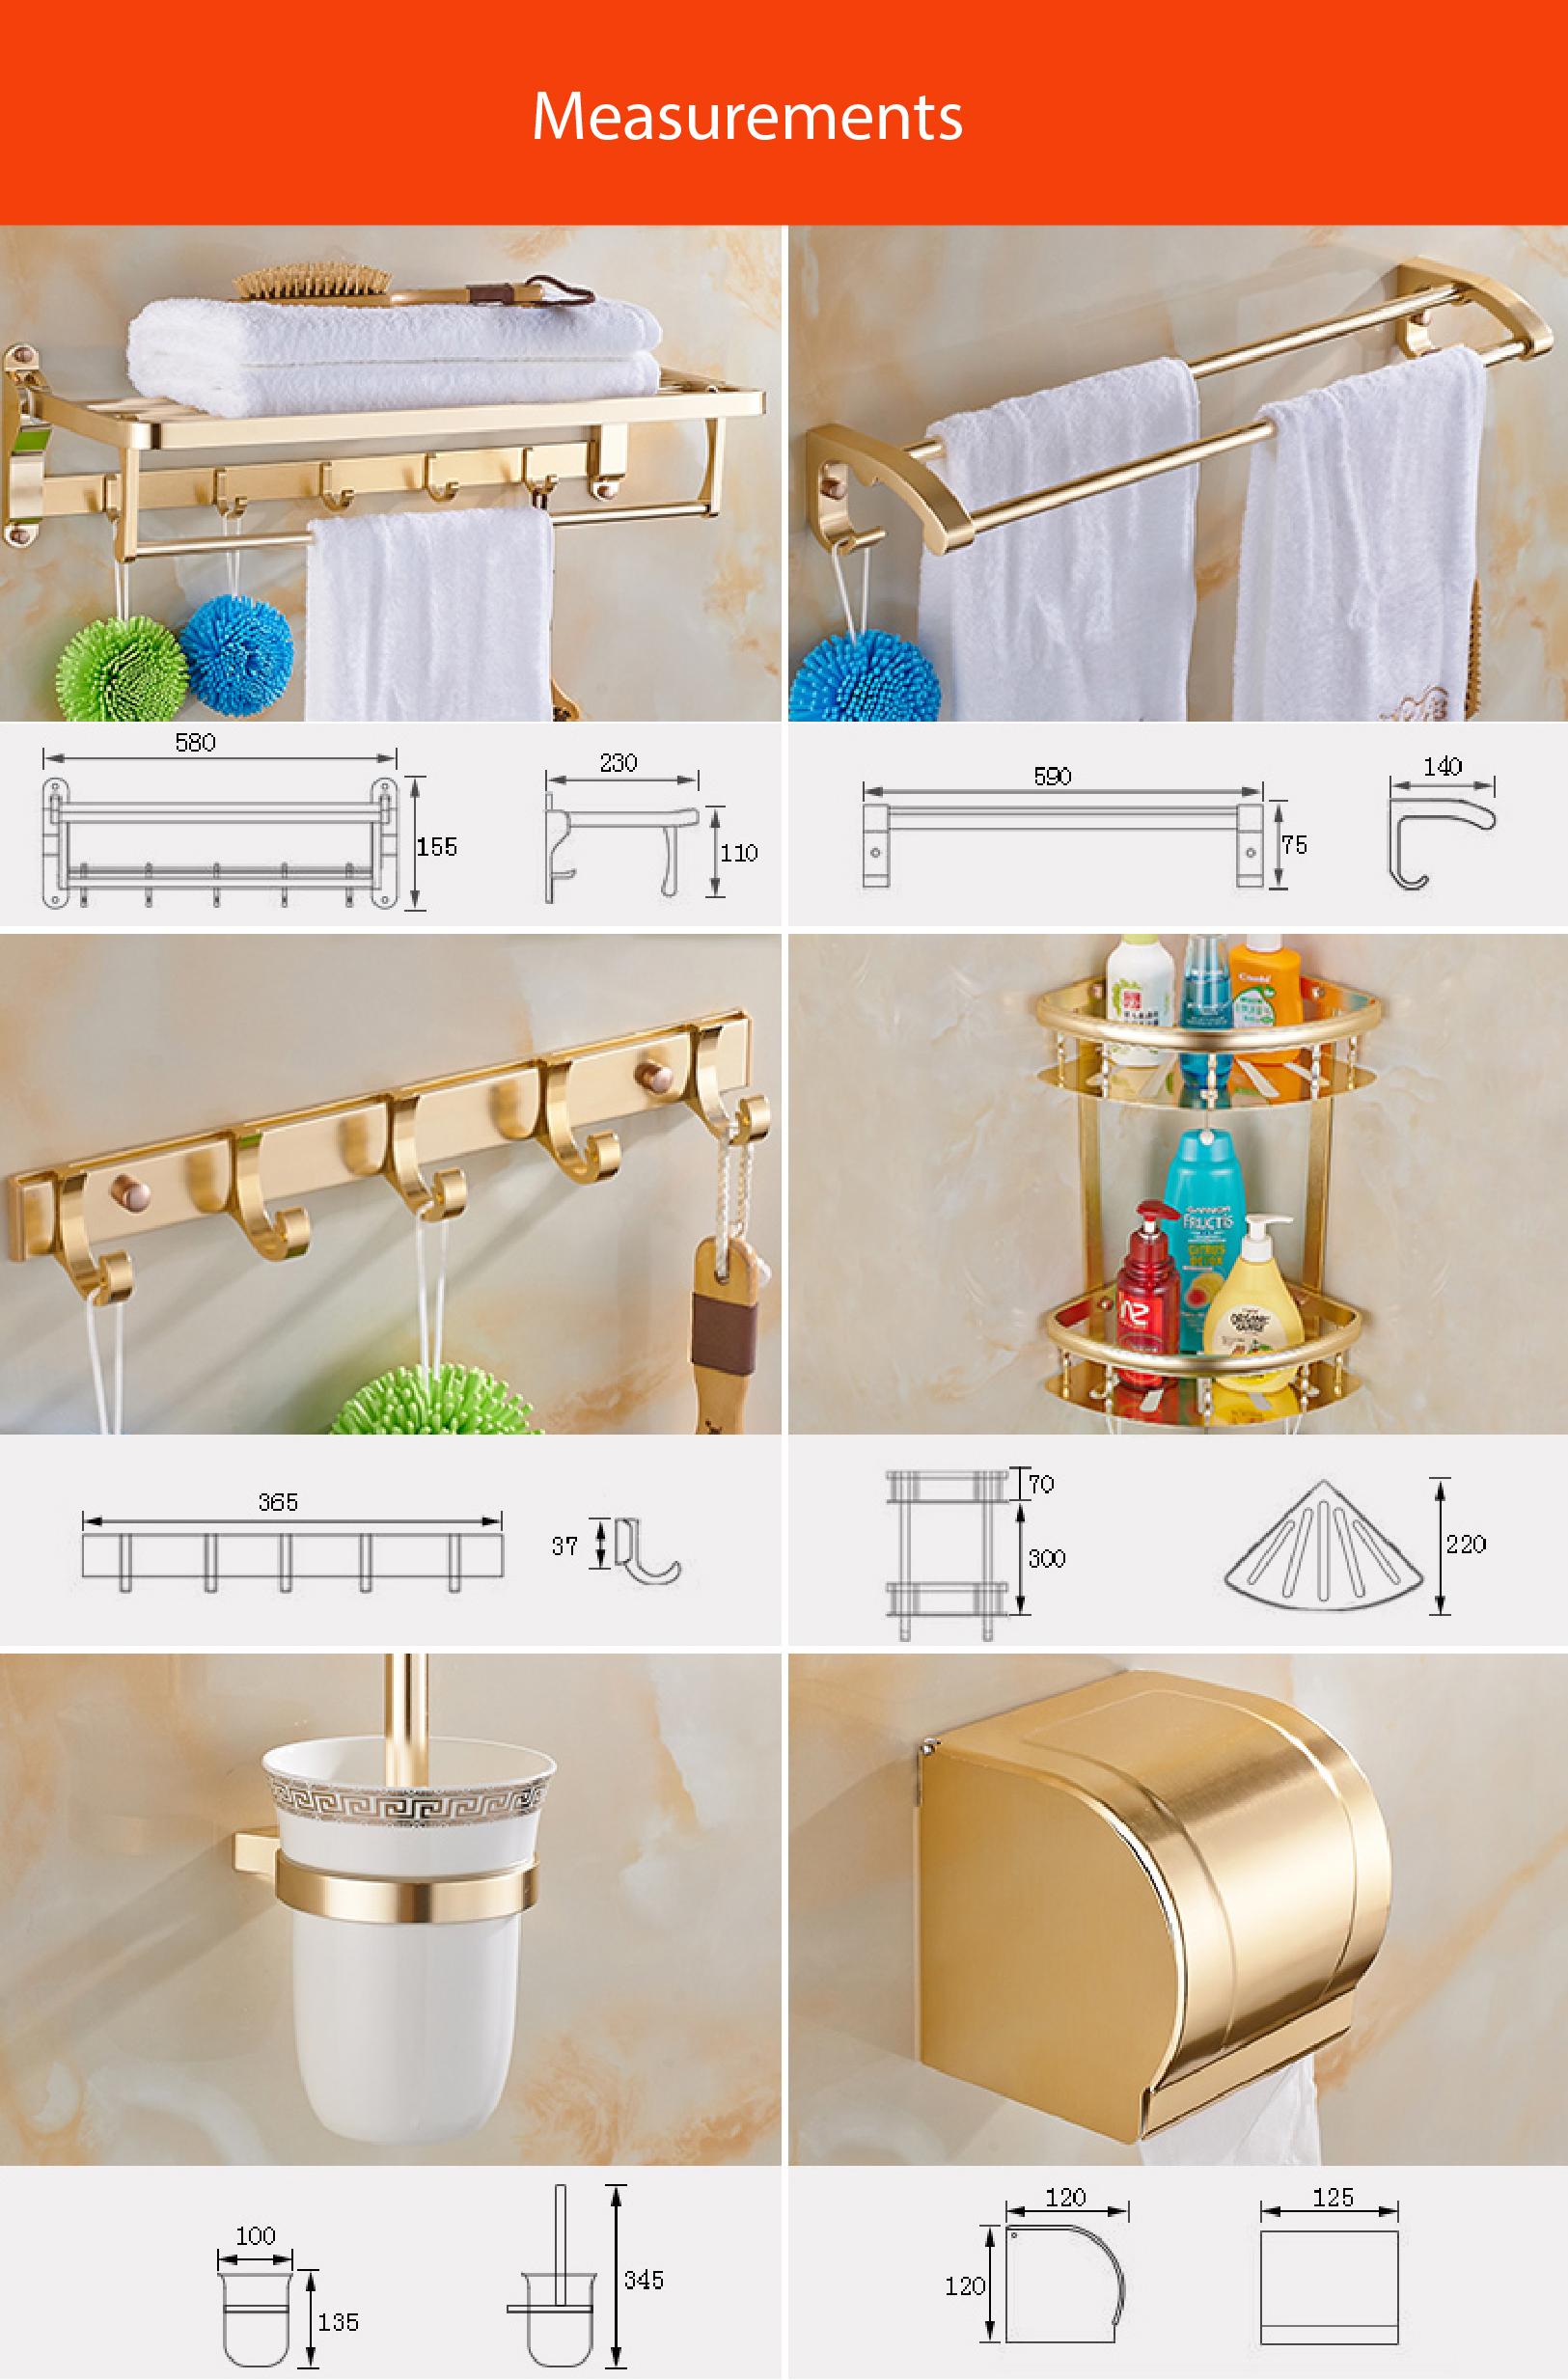 Inovo Dazzle Bathroom Accessories In